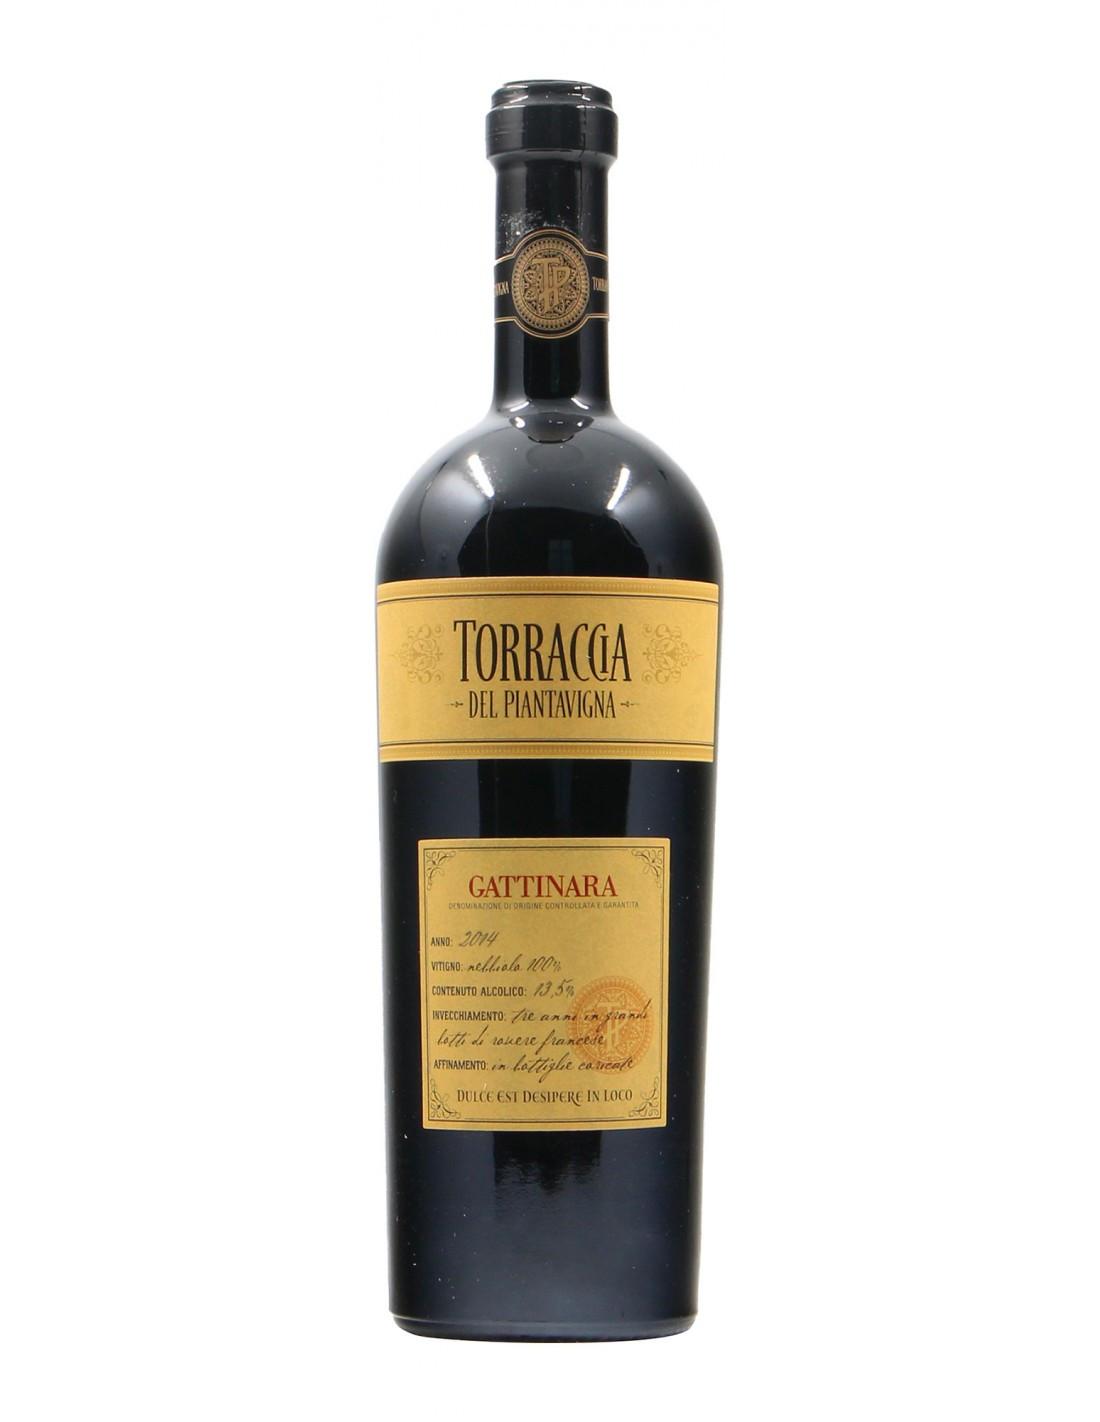 GATTINARA 2014 TORRACCIA DEL PIANTAVIGNA Grandi Bottiglie